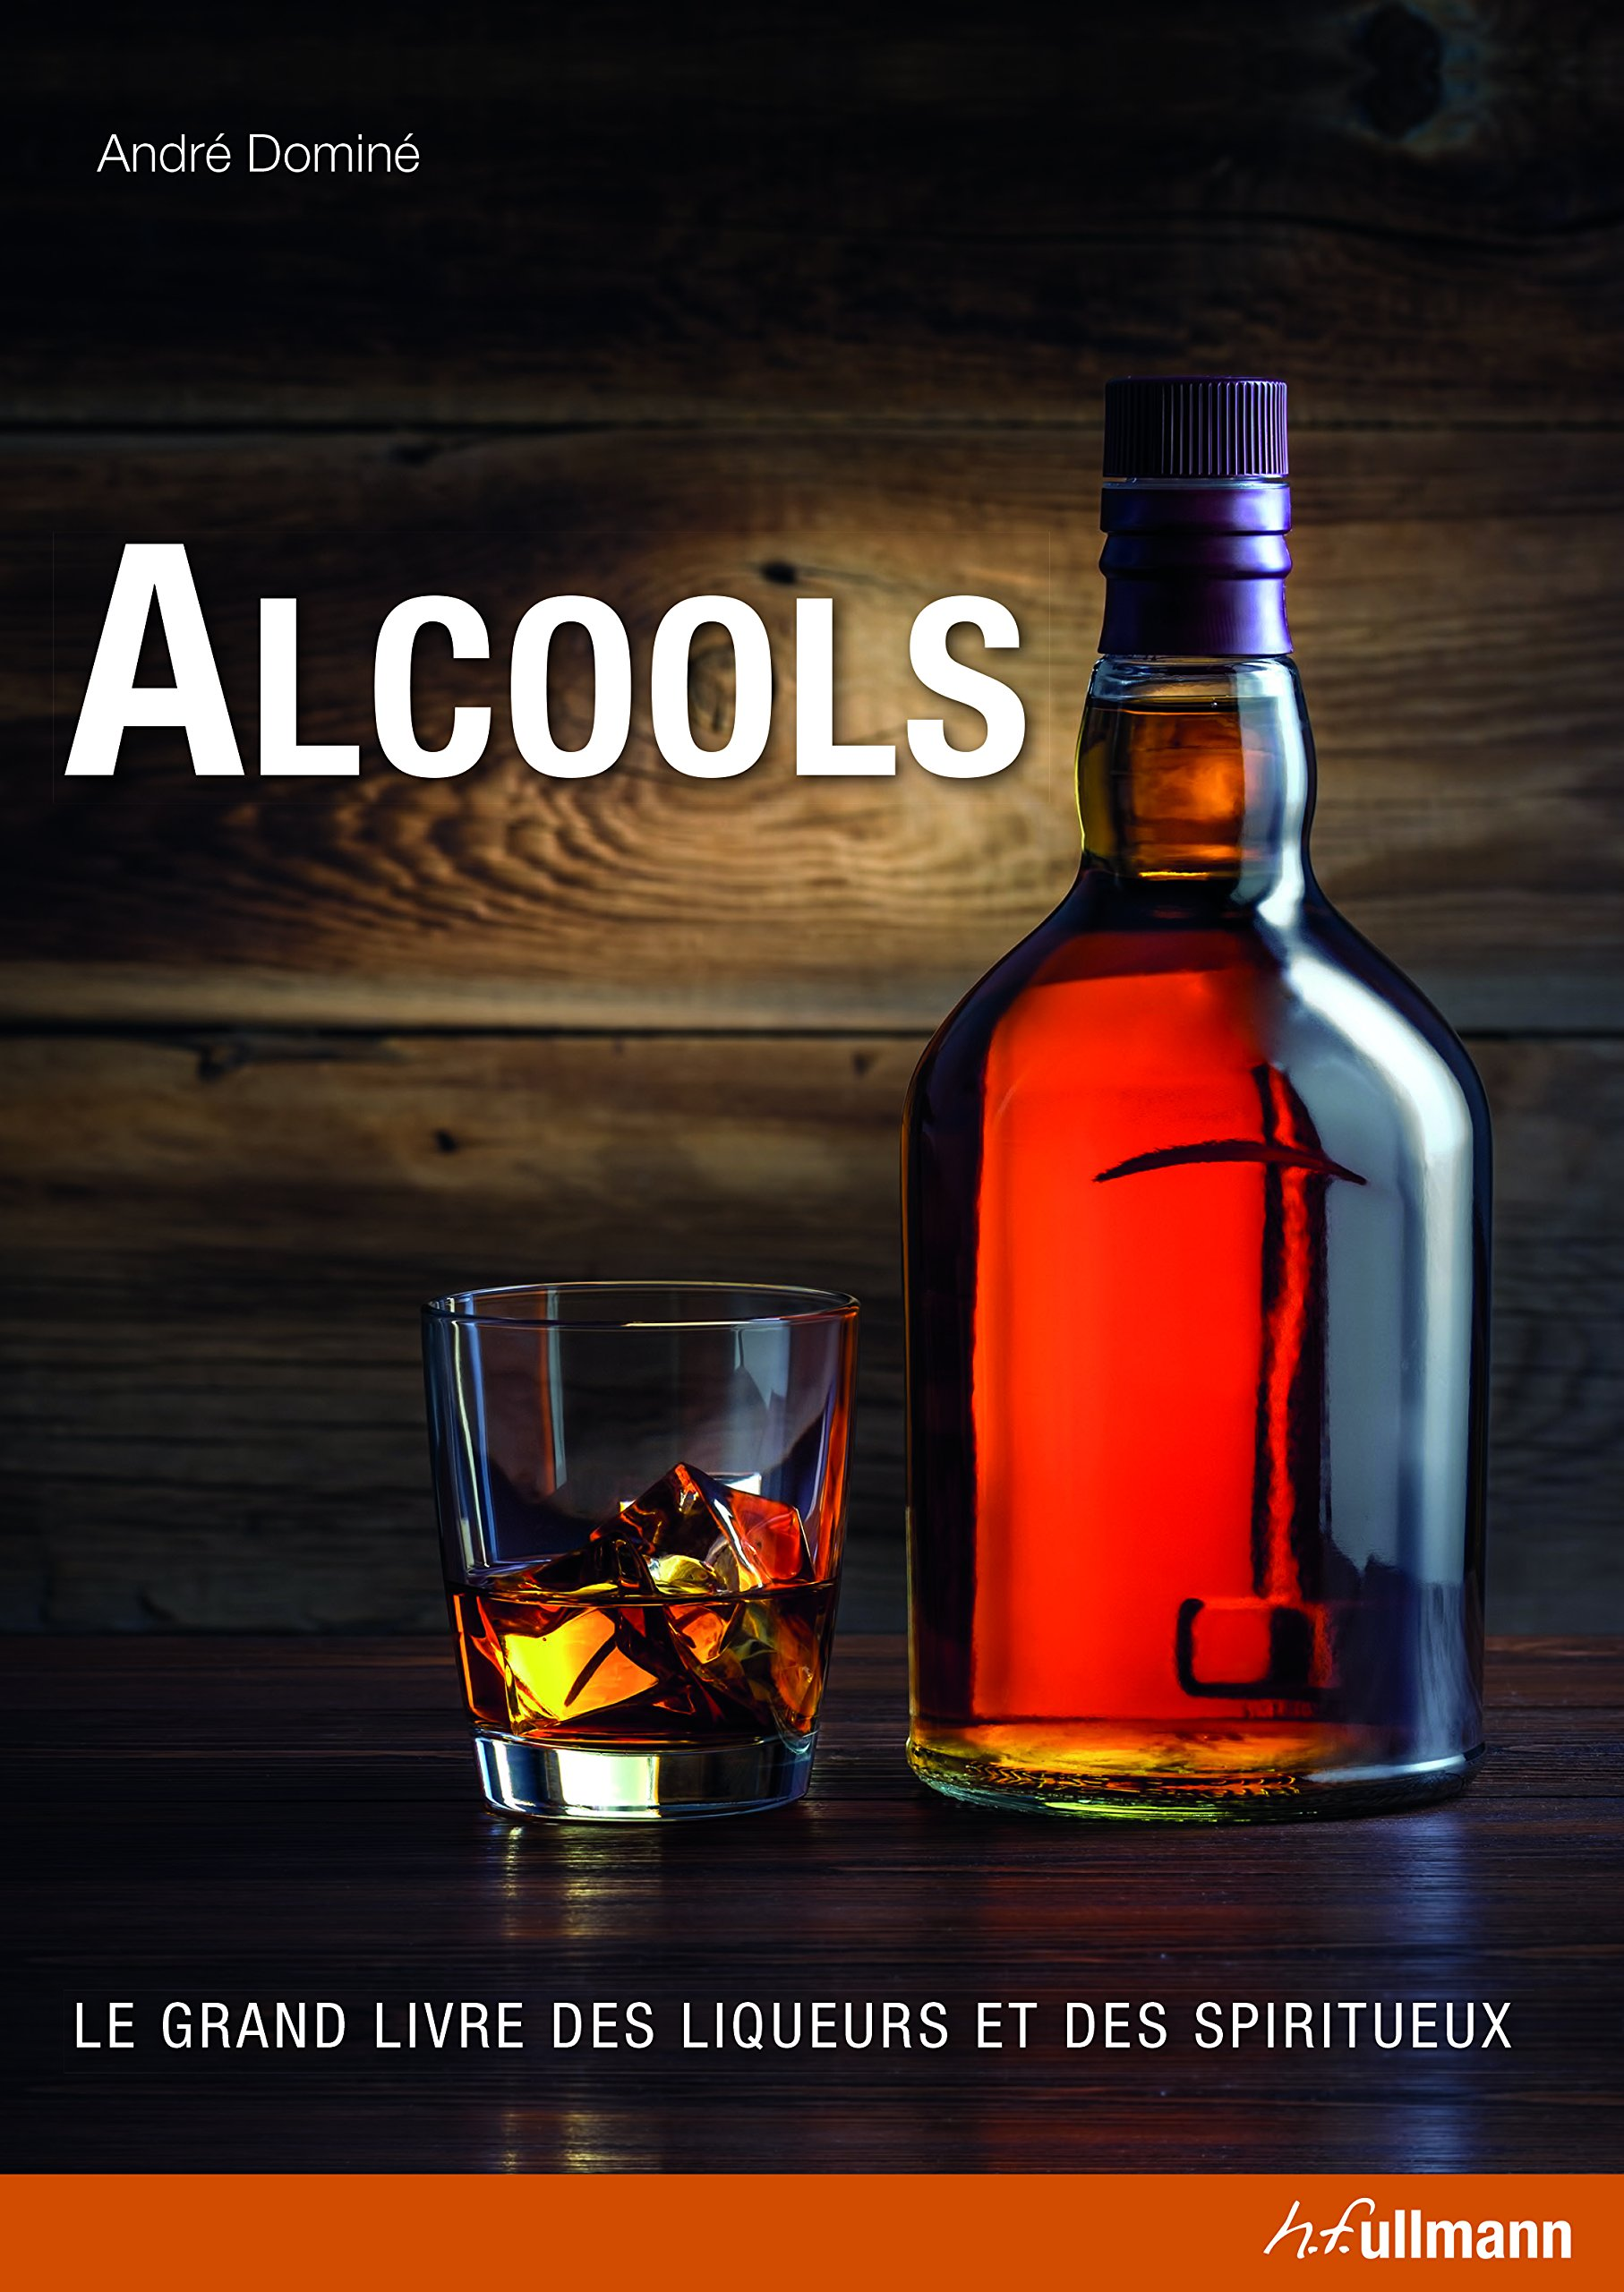 Alcools, le grand livre des liqueurs et des spiritueux Broché – 14 octobre 2016 André Dominé HF Ullmann Editions 3848010453 Les alcools